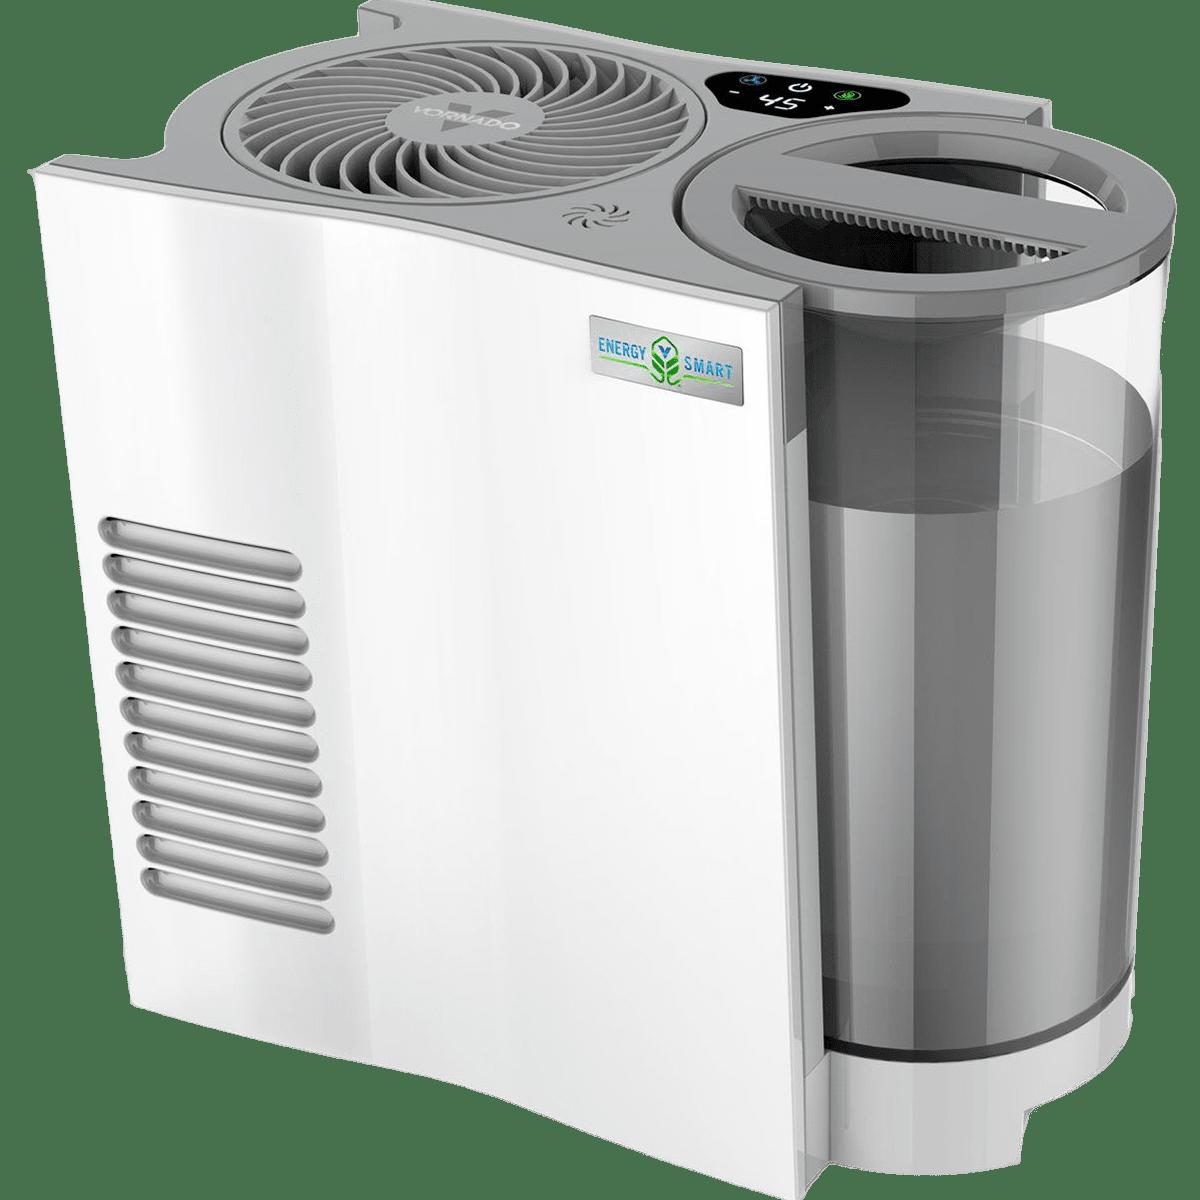 Vornado EVDC300 Energy Smart Evaporative Humidifer vo7223